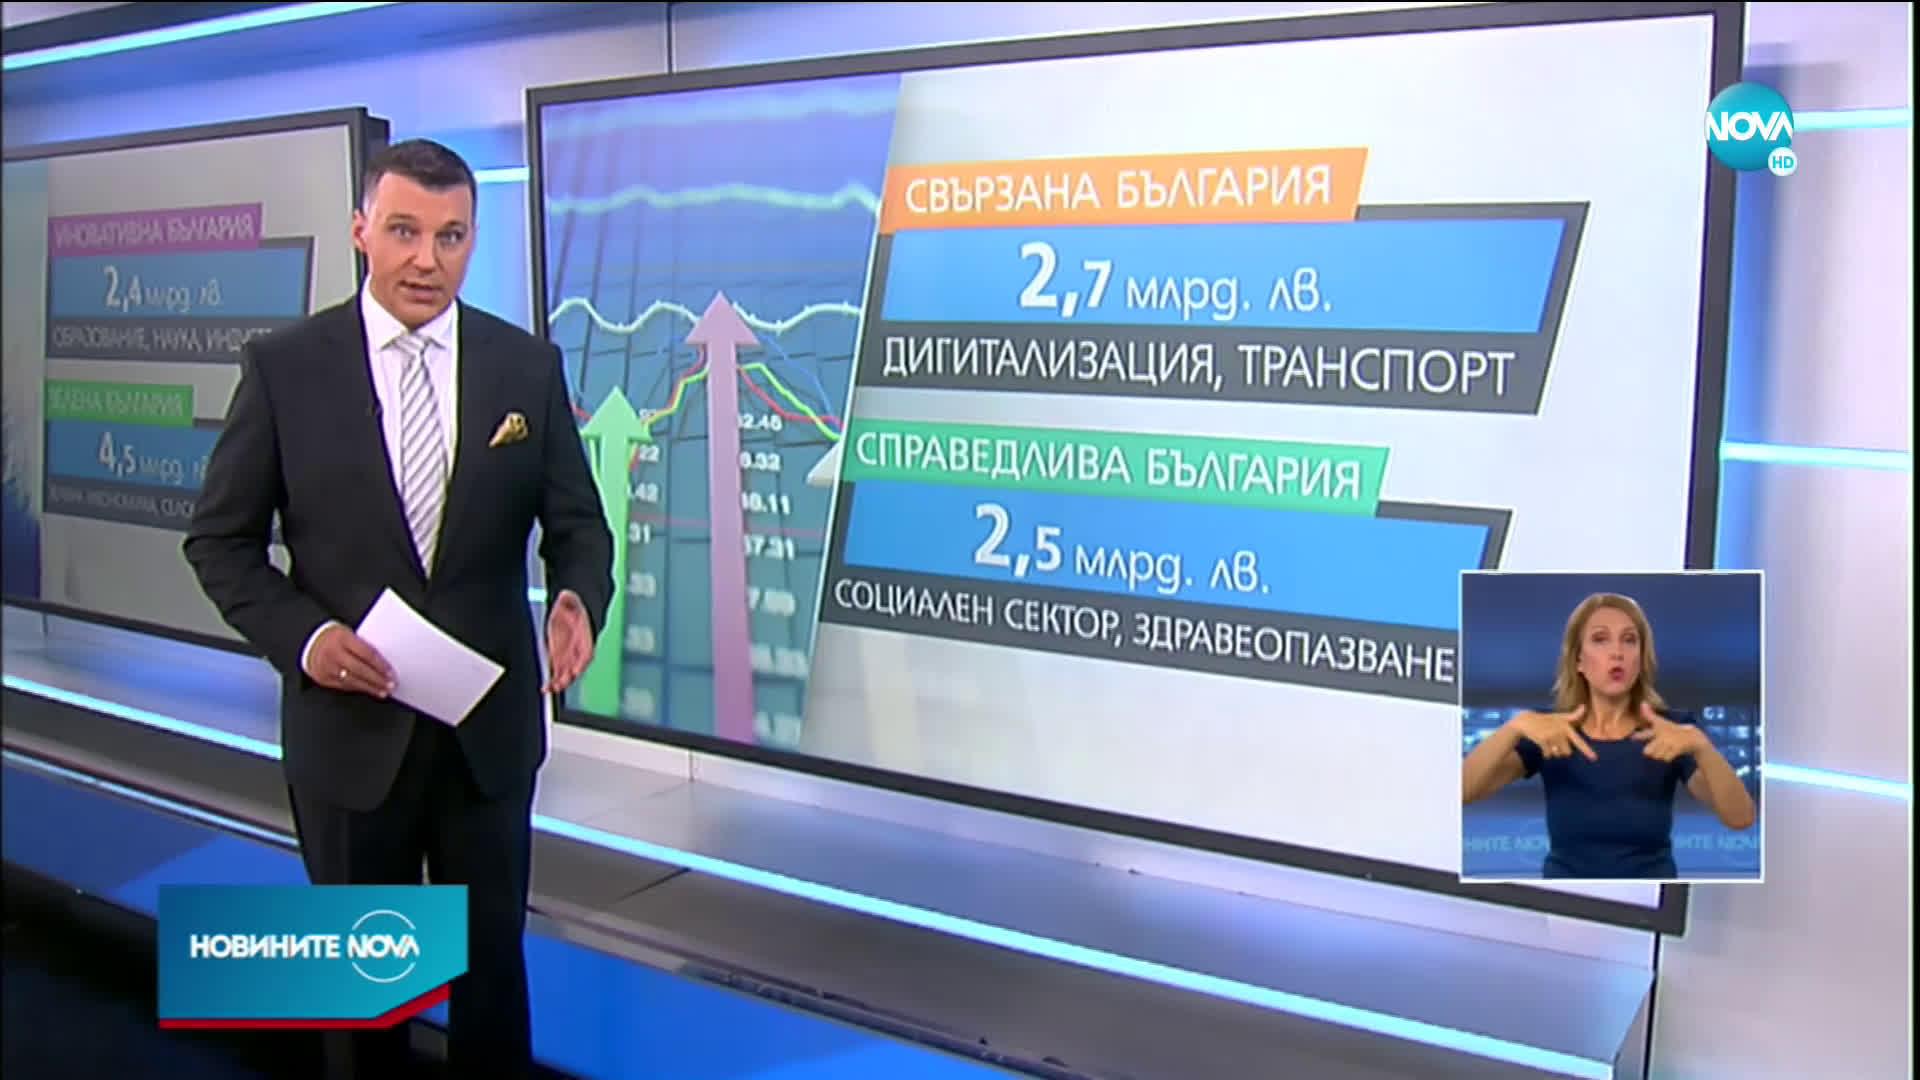 Томислав Дончев представи плана за възстановяване и устойчивост на България